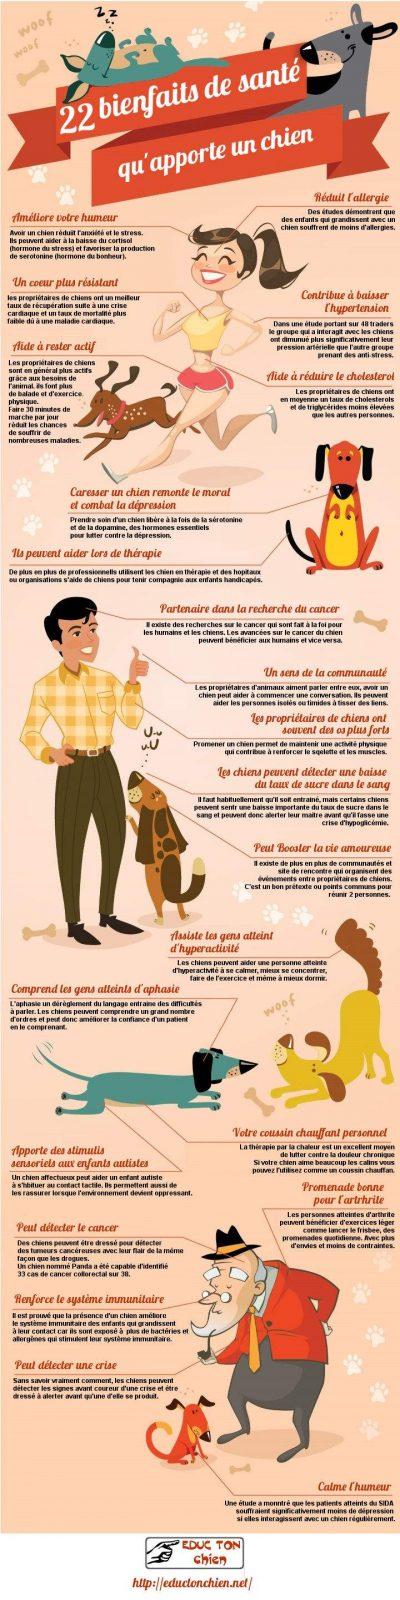 infographie des bienfaits pour la santé qu'apporte un chien